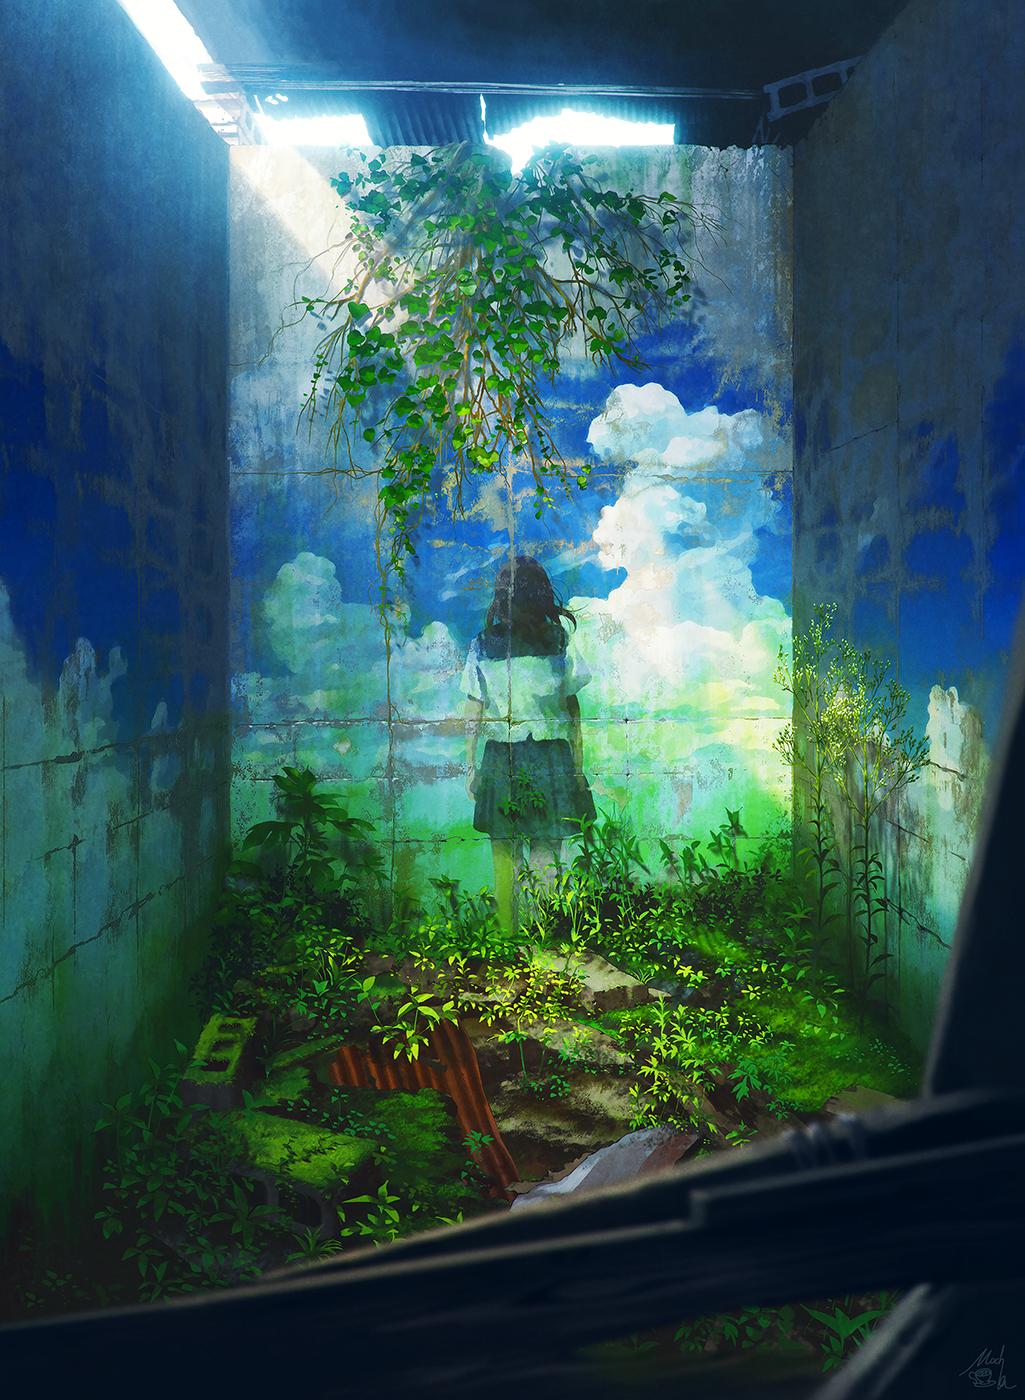 Фото На стене заброшенного здания нарисована девушка в школьной форме, стоящая на фоне облачного неба, by mocha